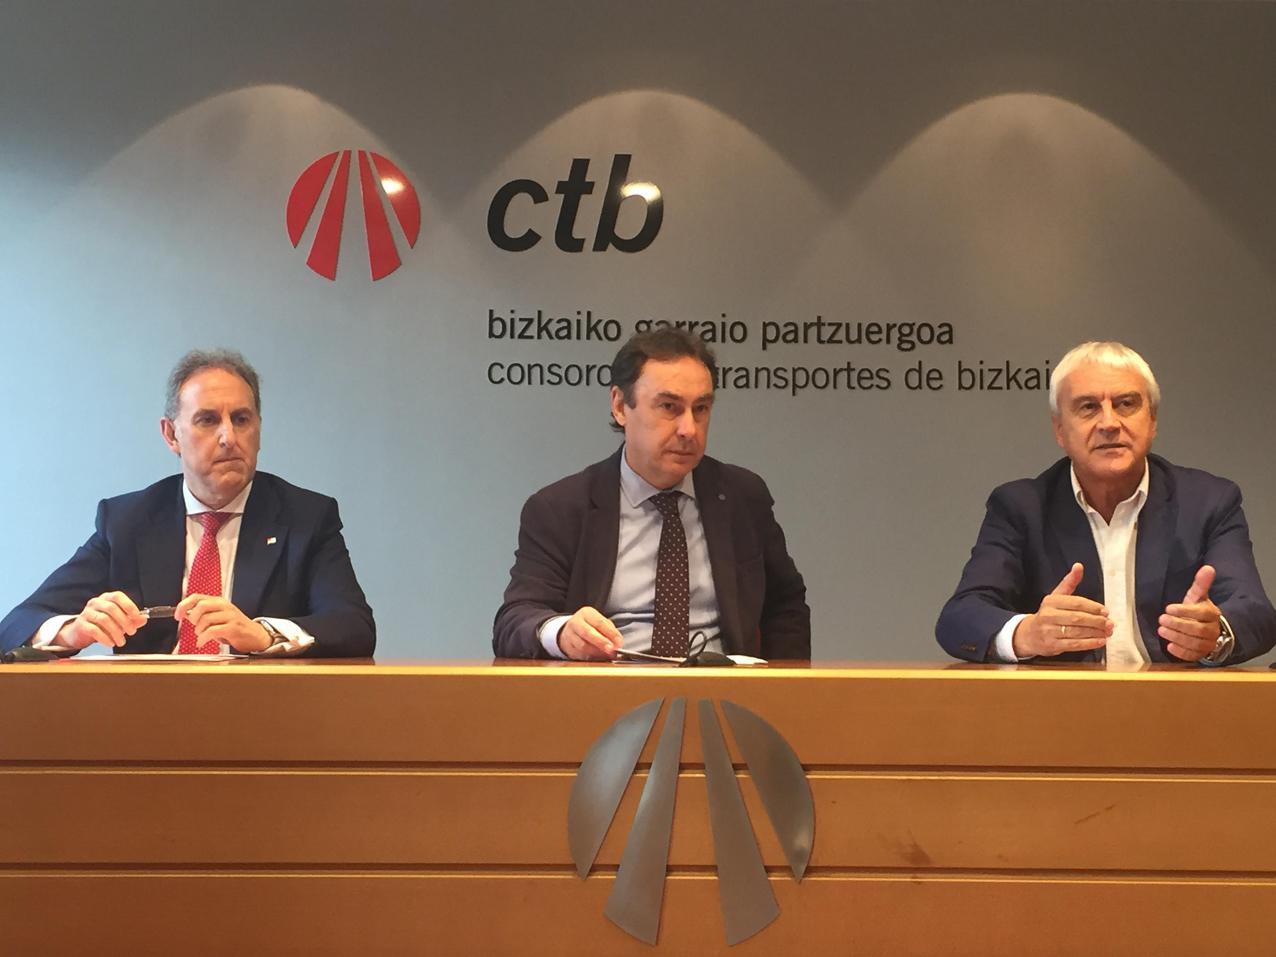 Inicio bizkaiko garraio partzuergoa consorcio de for Oficinas del consorcio de transportes de madrid puesto 2